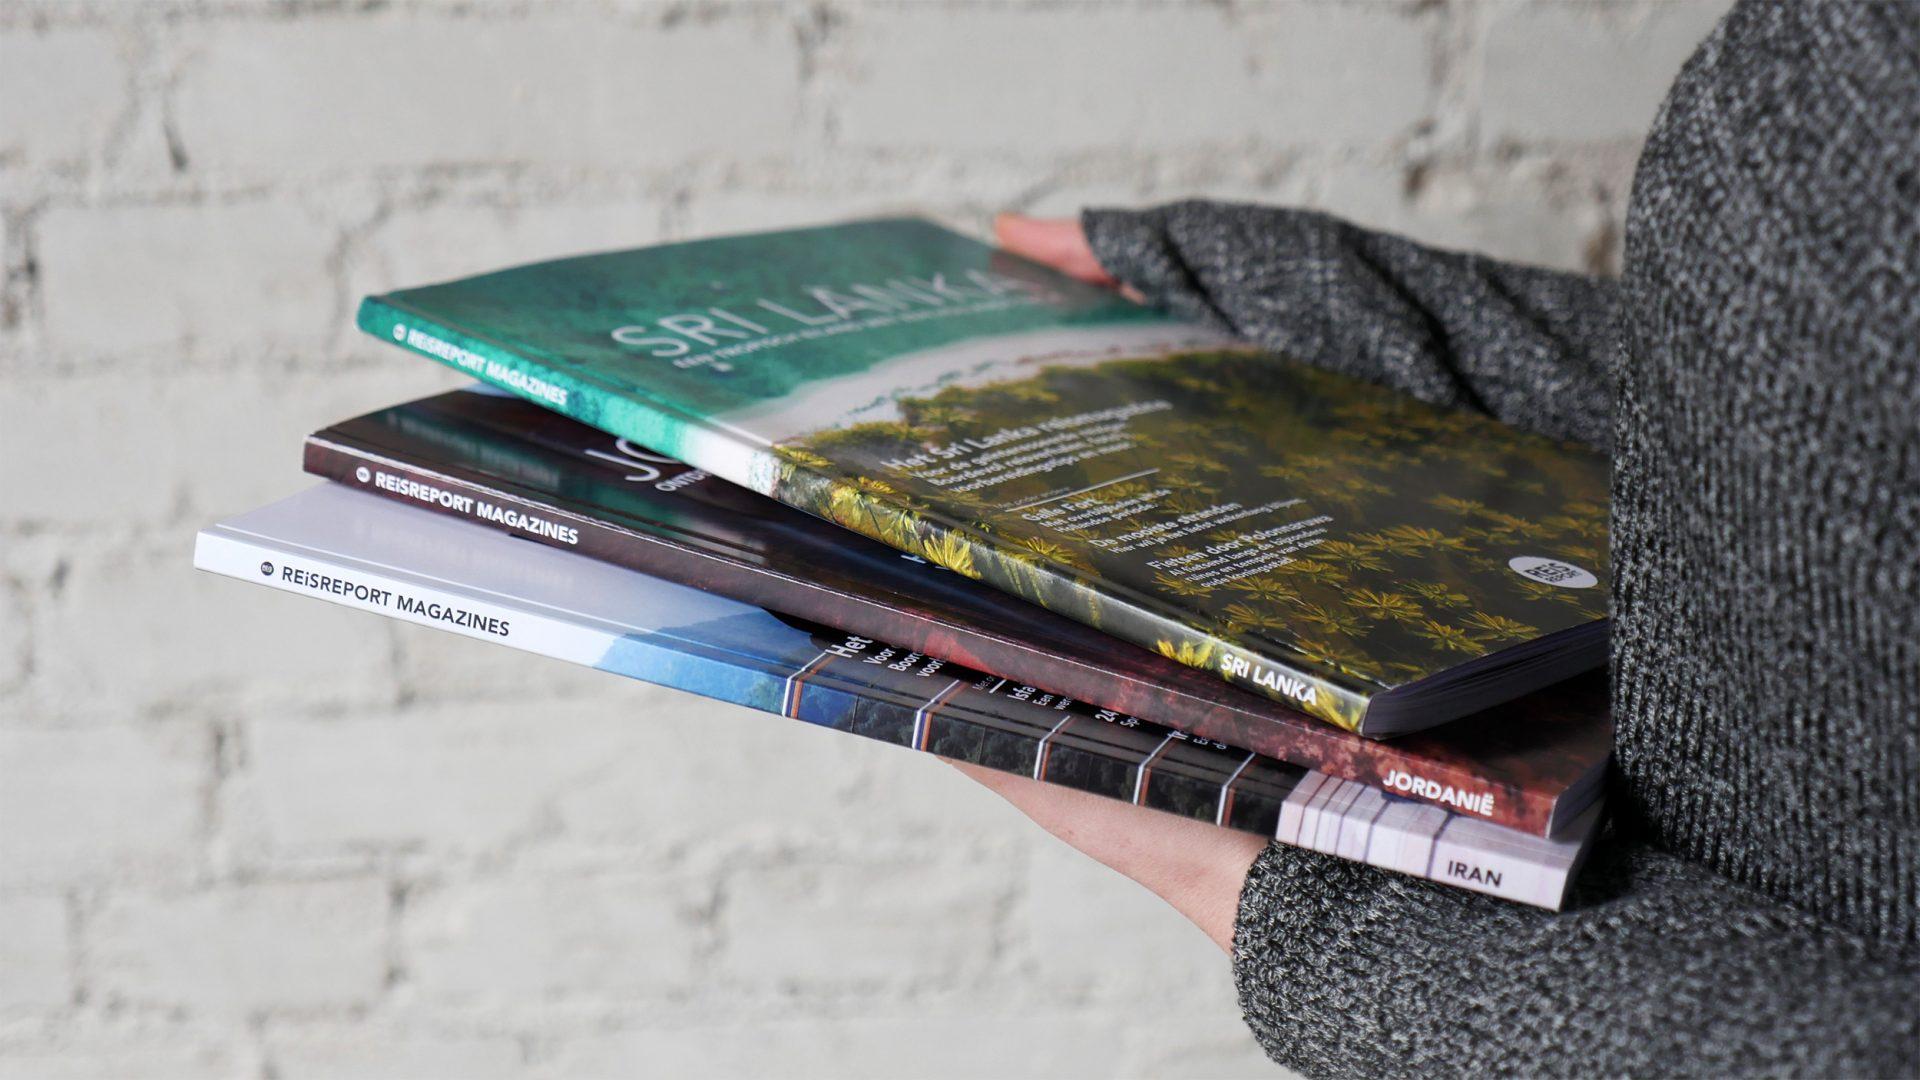 reisreport_magazines